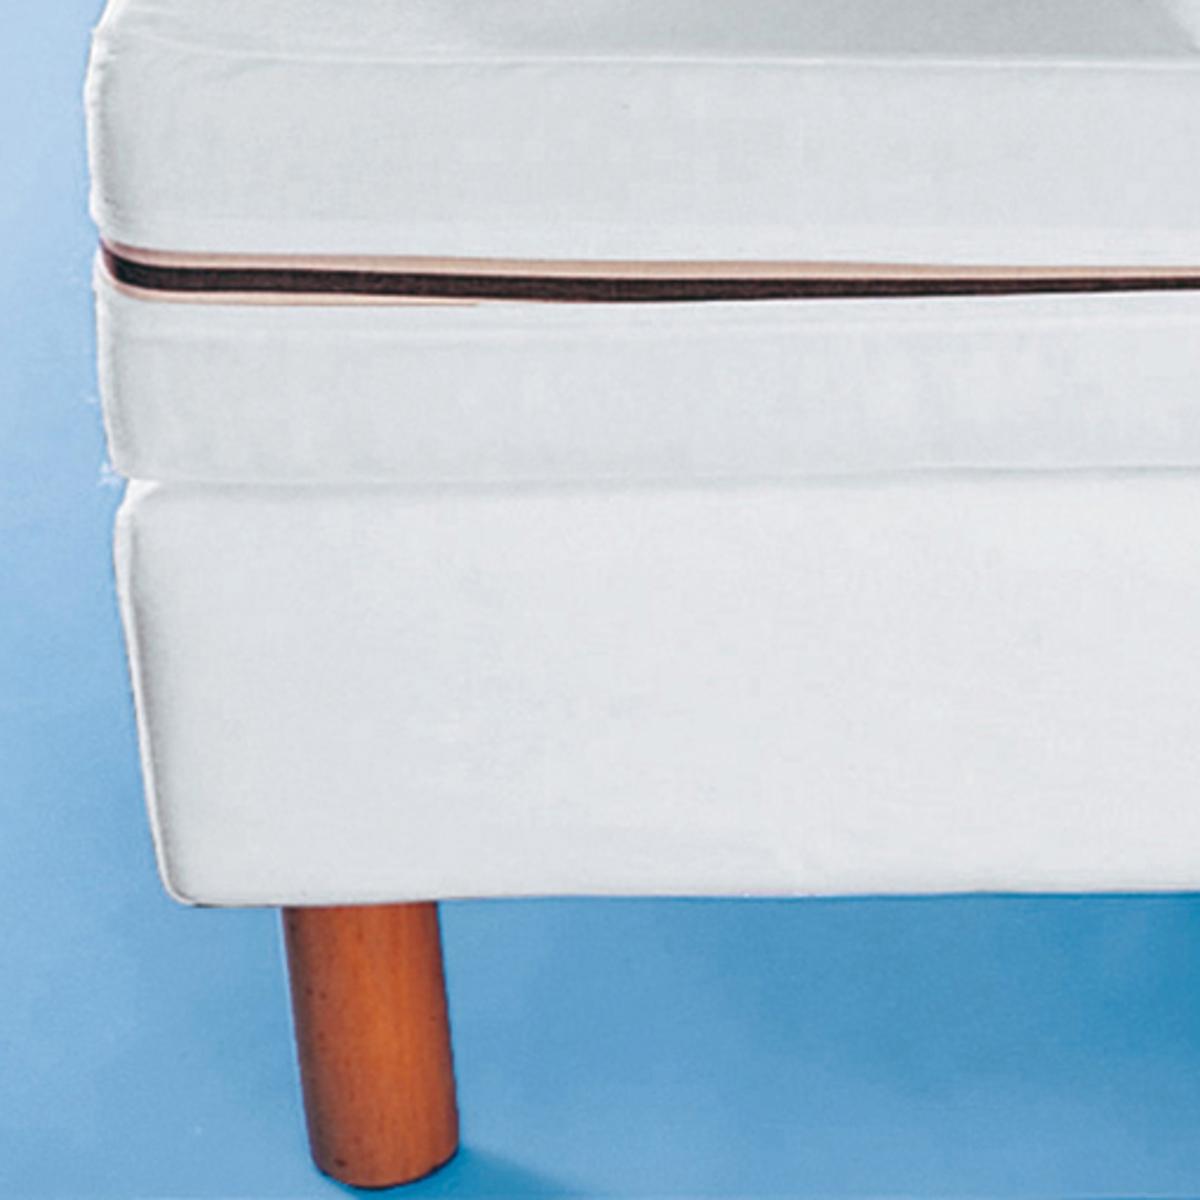 Наматрасник цельный для матраса толщ. от 15 до 18 смЛегкость ухода : Машинная стирка 40°, не требует глажки.<br><br>Цвет: белый,синий<br>Размер: 90 x 190 см